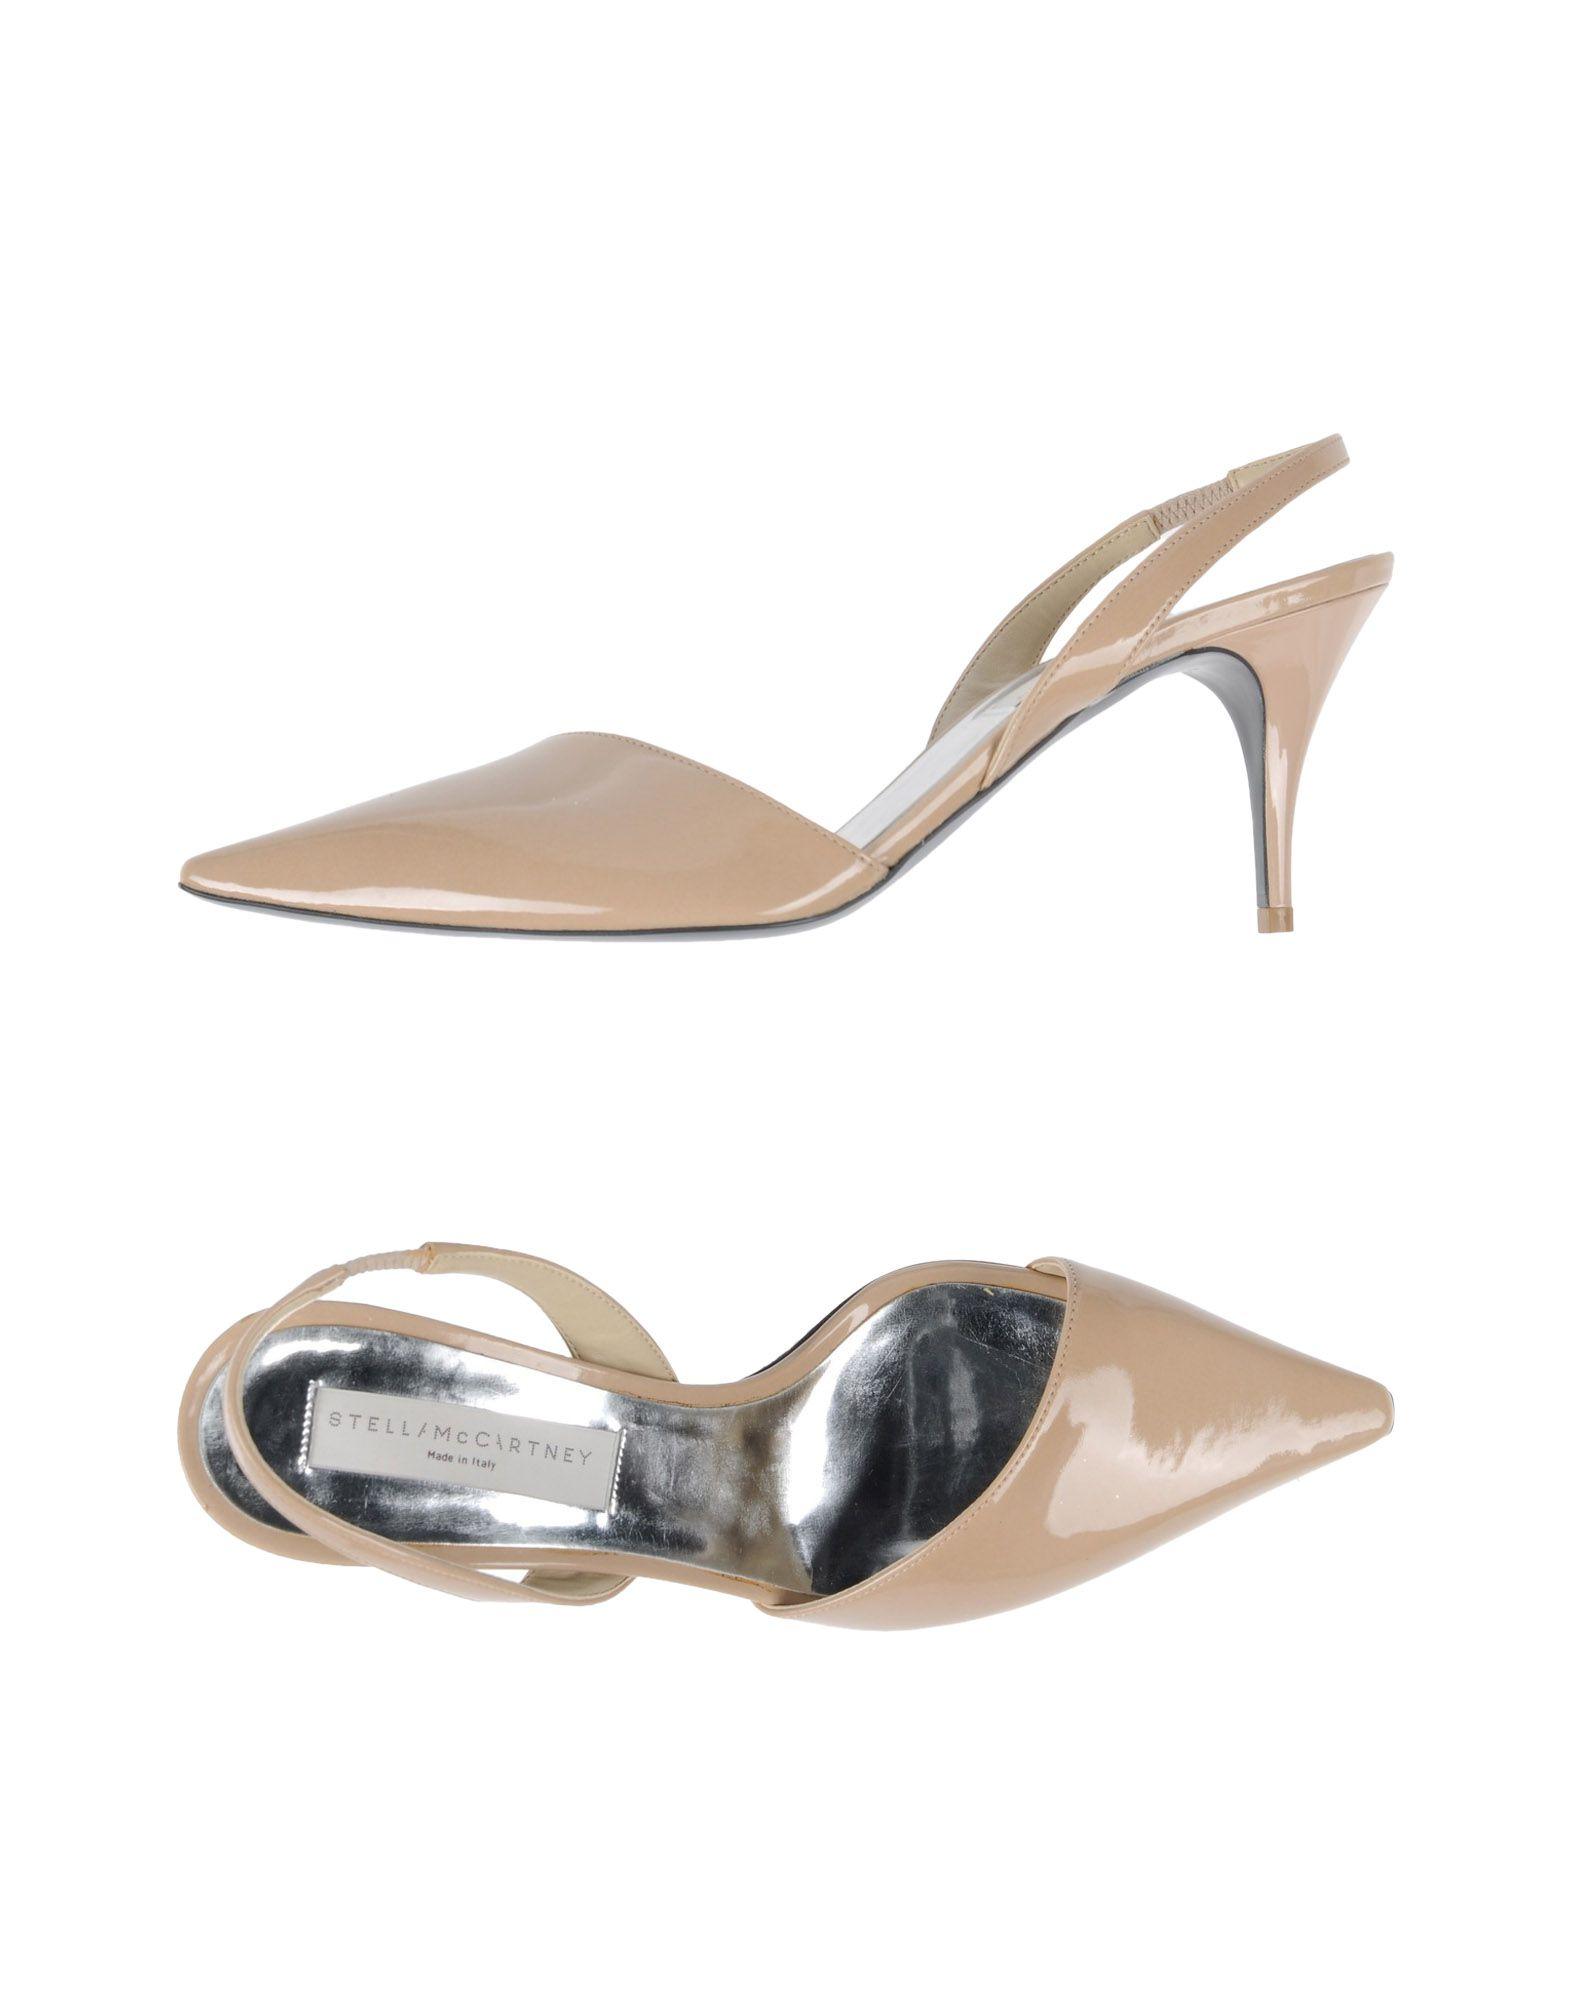 Stella Mccartney Pumps Schuhe Damen  11453263QP Beliebte Schuhe Pumps 63b862